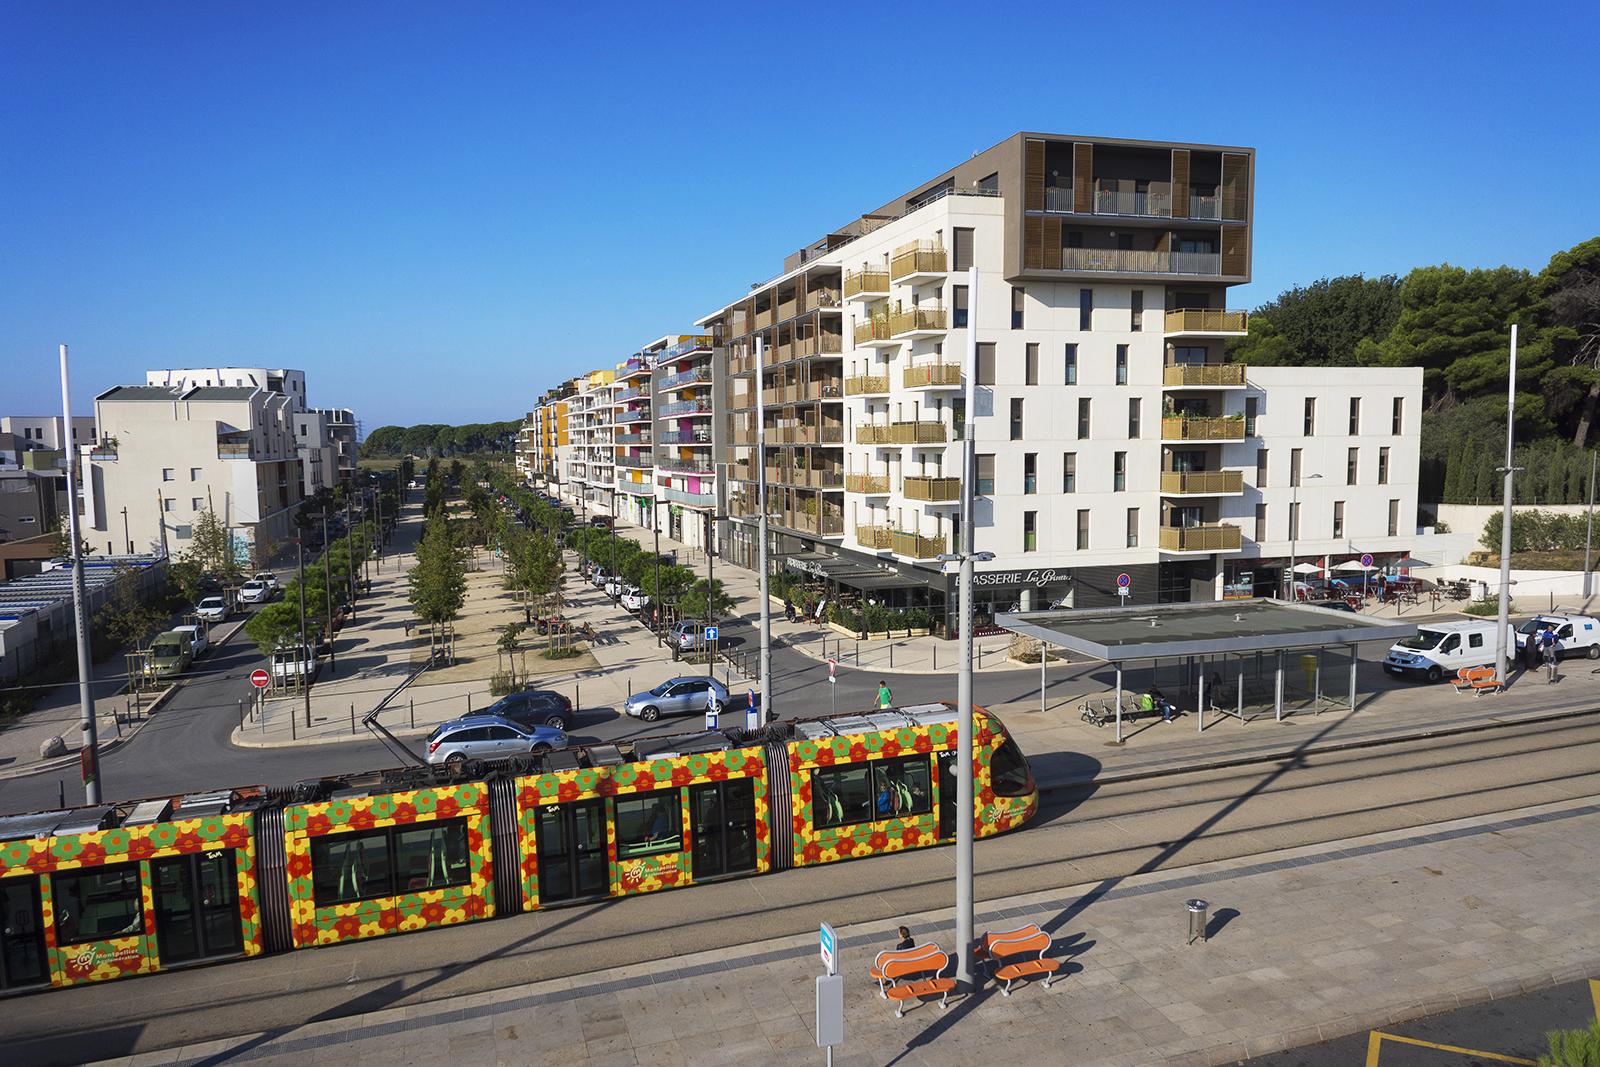 Photographie aérienne promotion immobilière, l'architecture et l'urbanisme